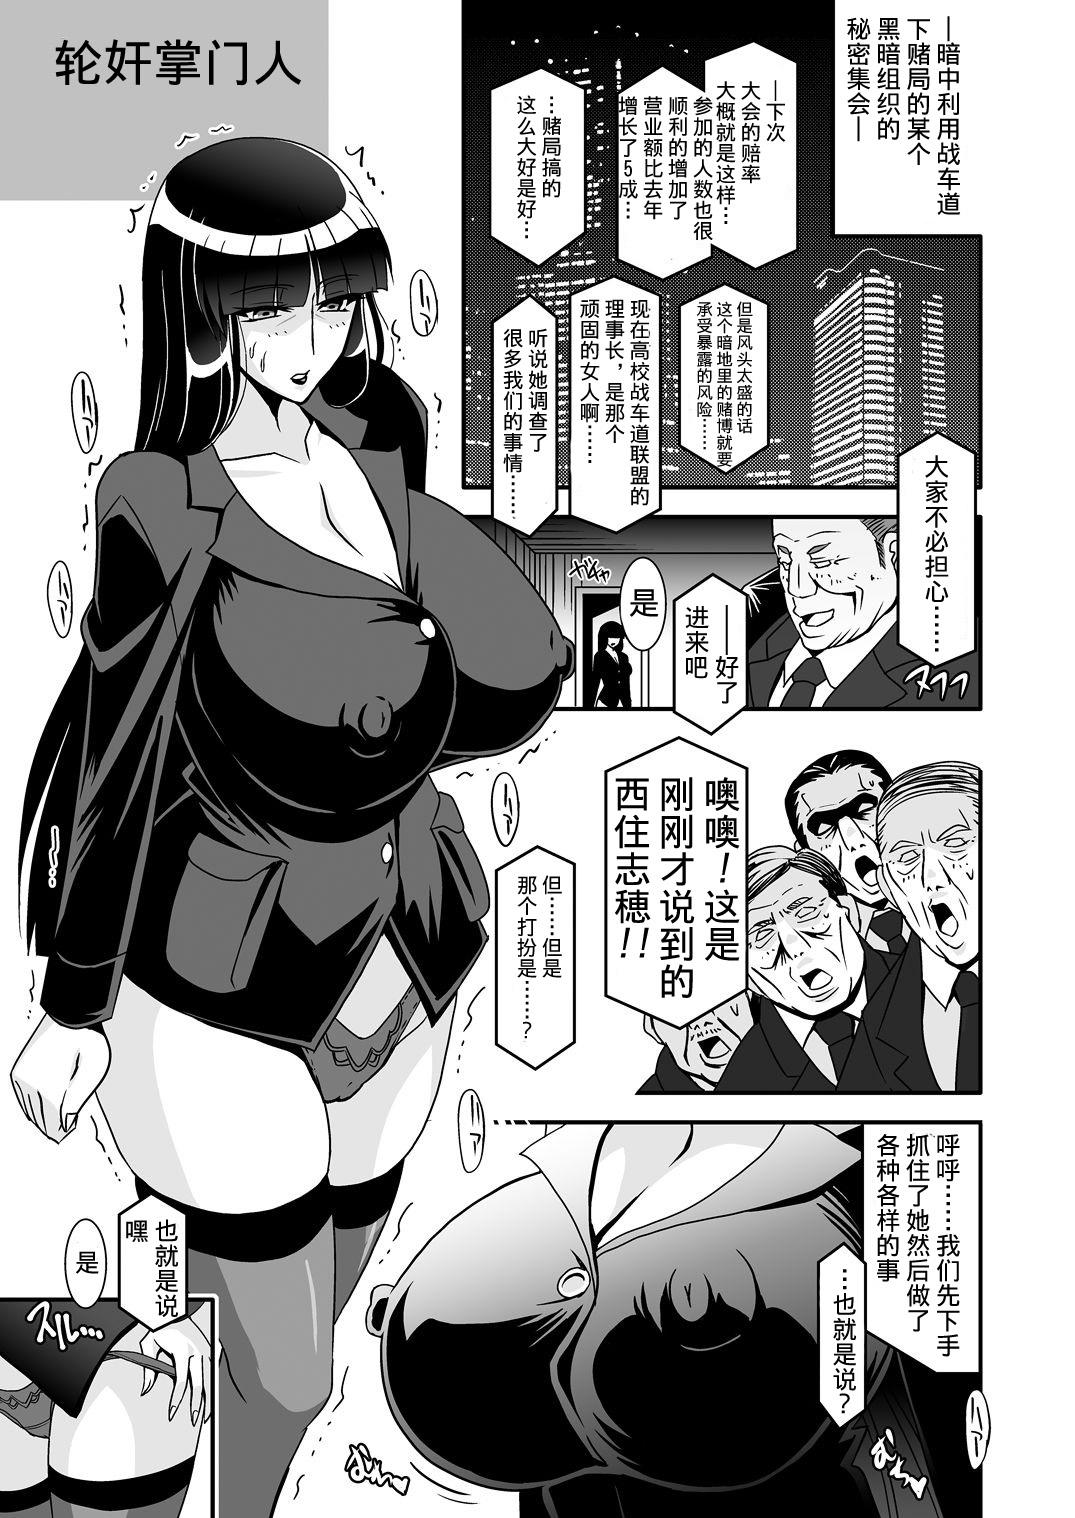 Sore wa Itsumo no Seisettai 16